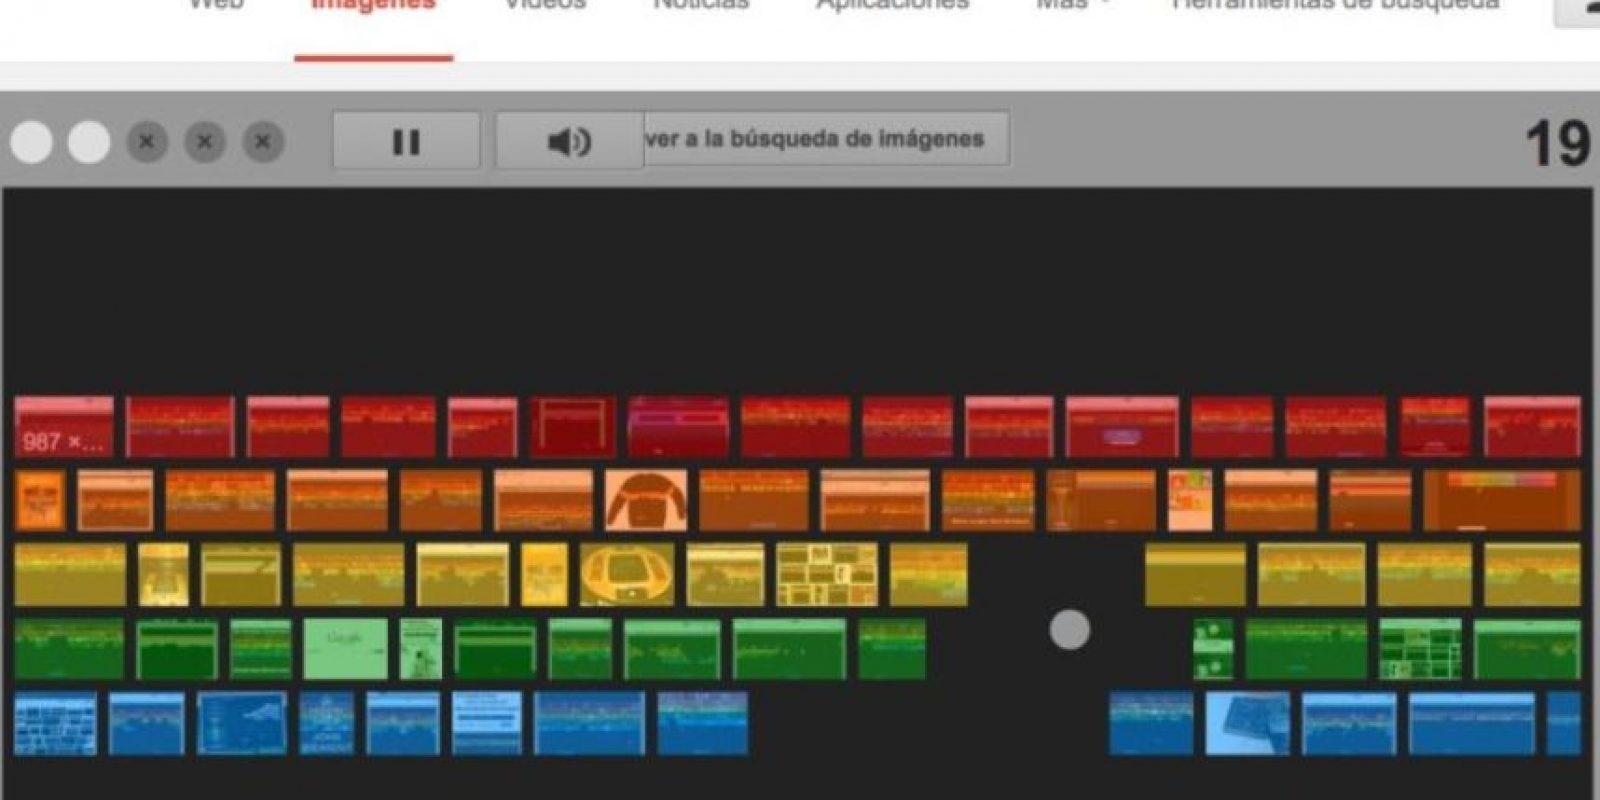 """7- Si no les gustó Zerg Rush, tenemos un juego más rápido. Ingresen a google.com/imghp y escriban en la barra de búsqueda """"Atari Breakout"""" y den enter. Estén preparados porque comenzará inmediatamente. Foto:Google"""